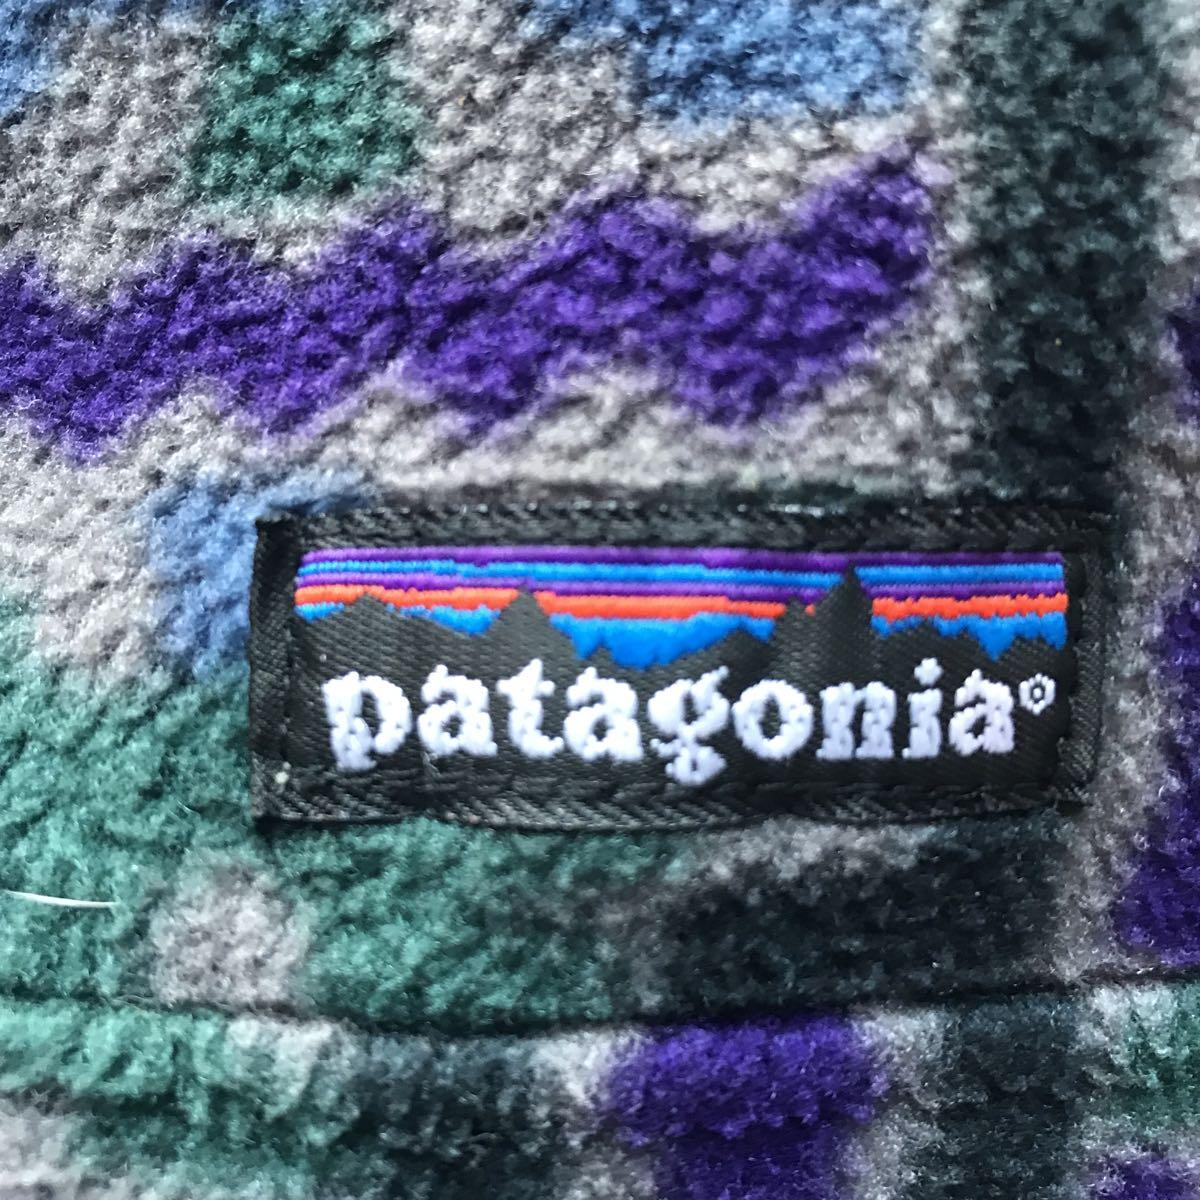 【雪無し】パタゴニア patagonia プリンテッド シンチラ スナップT 93年USA製 サイズ XL テウルチェ/グレー柄 検 レトロ ダス_画像10